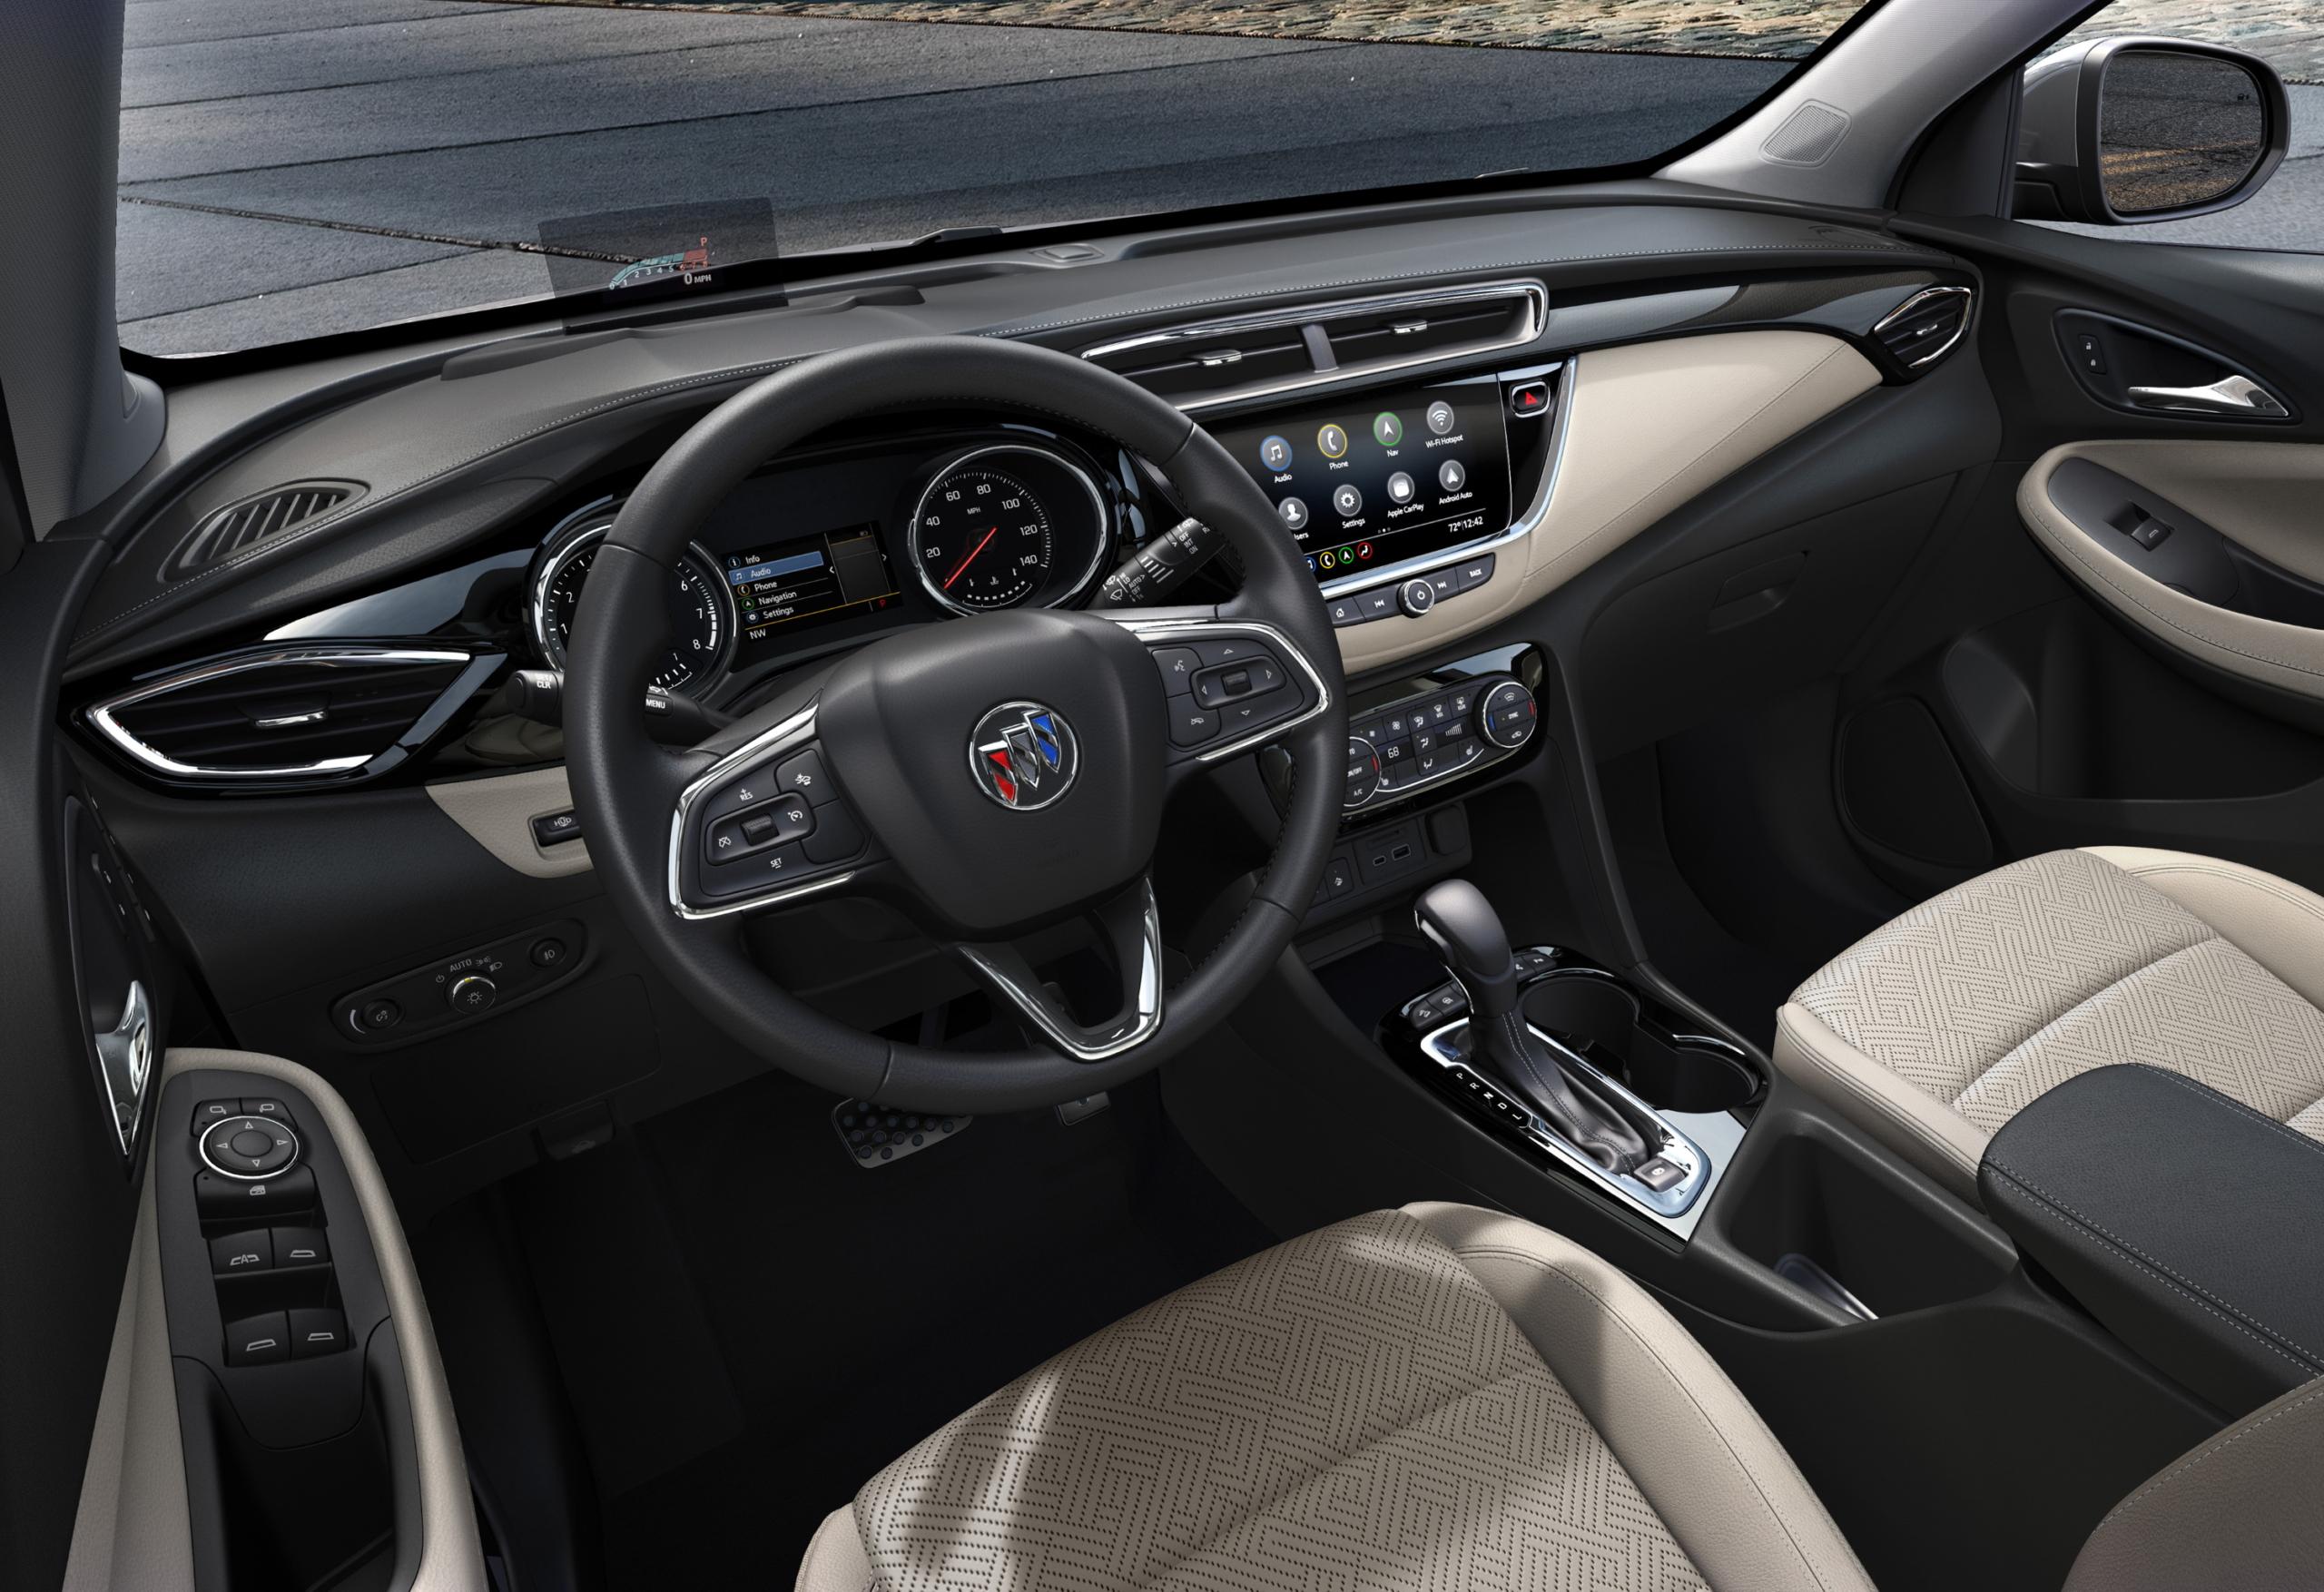 2020 Buick Encore GX dash